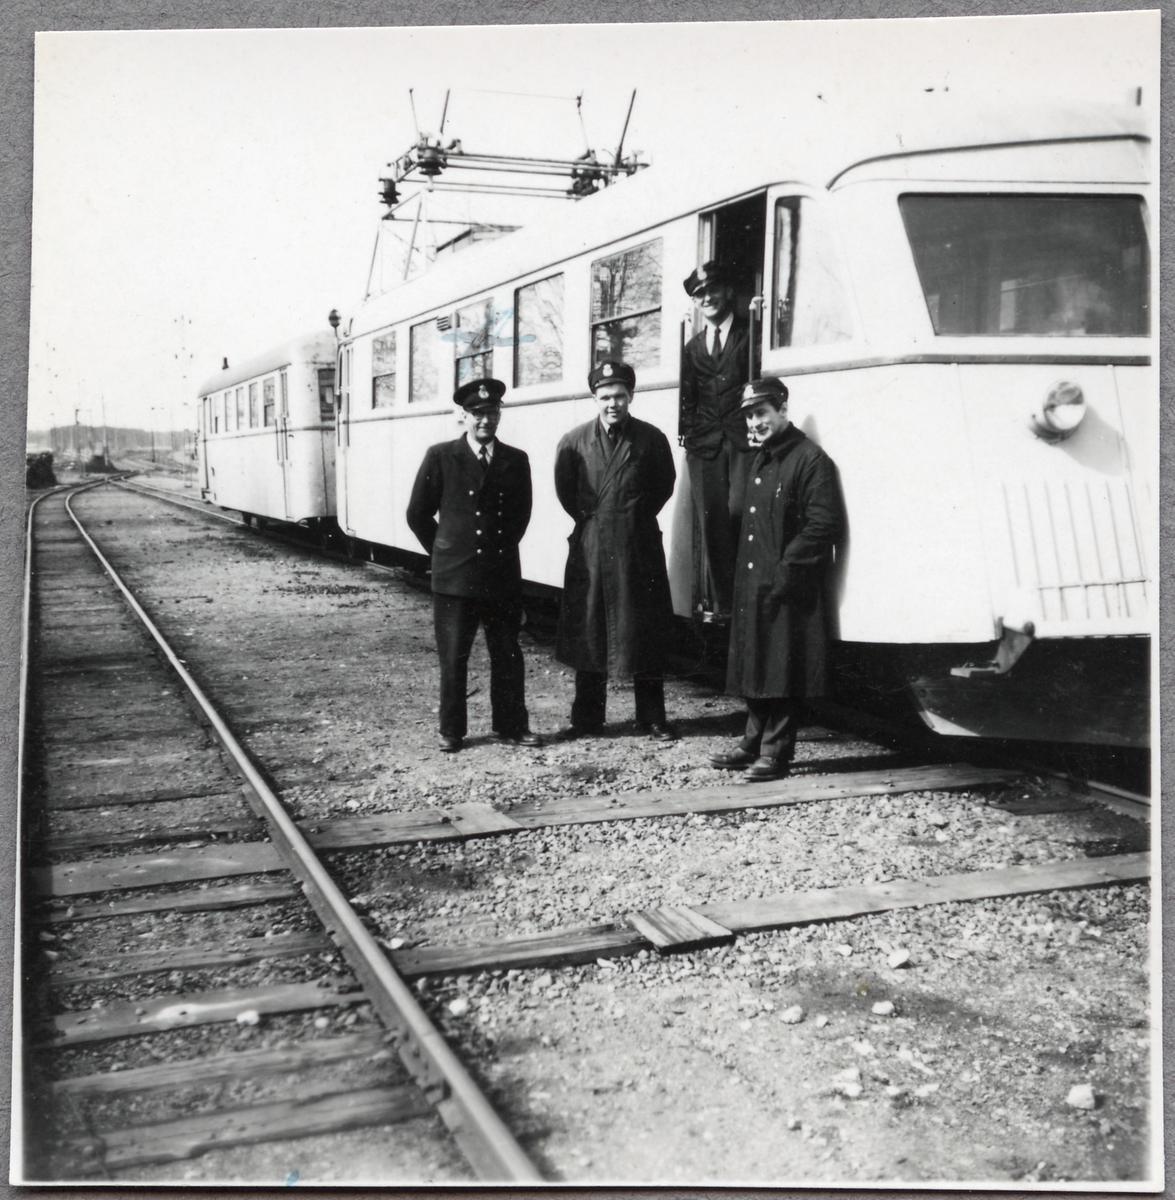 Mellersta Östergötlands järnväg, MÖJ Y2B rälsbuss.